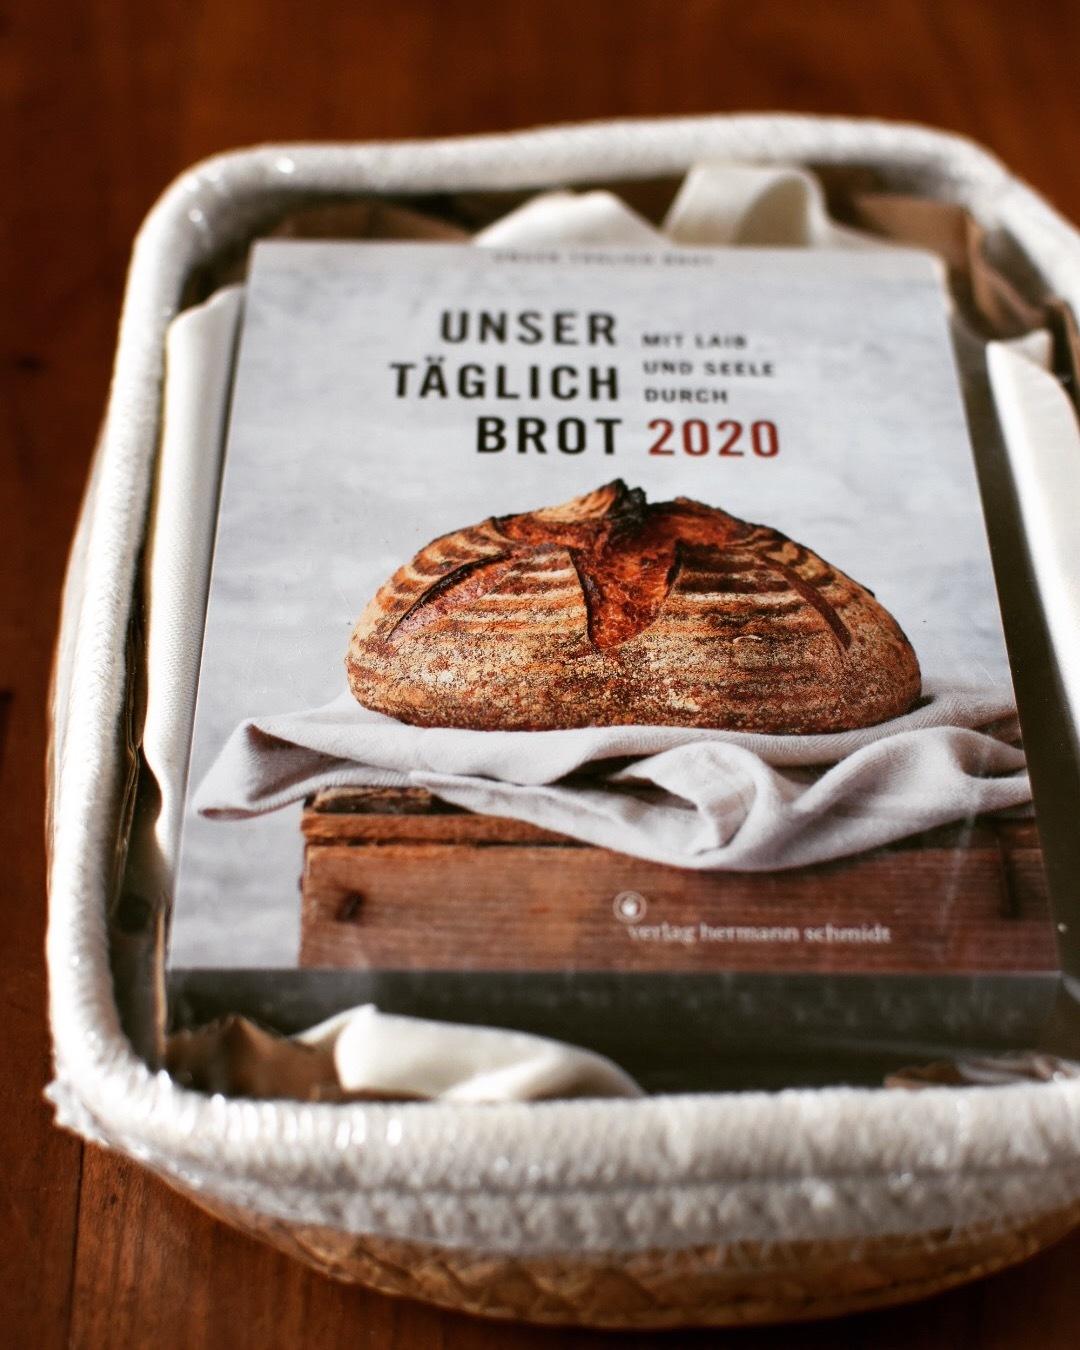 私のパン写真がドイツのカレンダーに♪_a0100596_08430027.jpeg